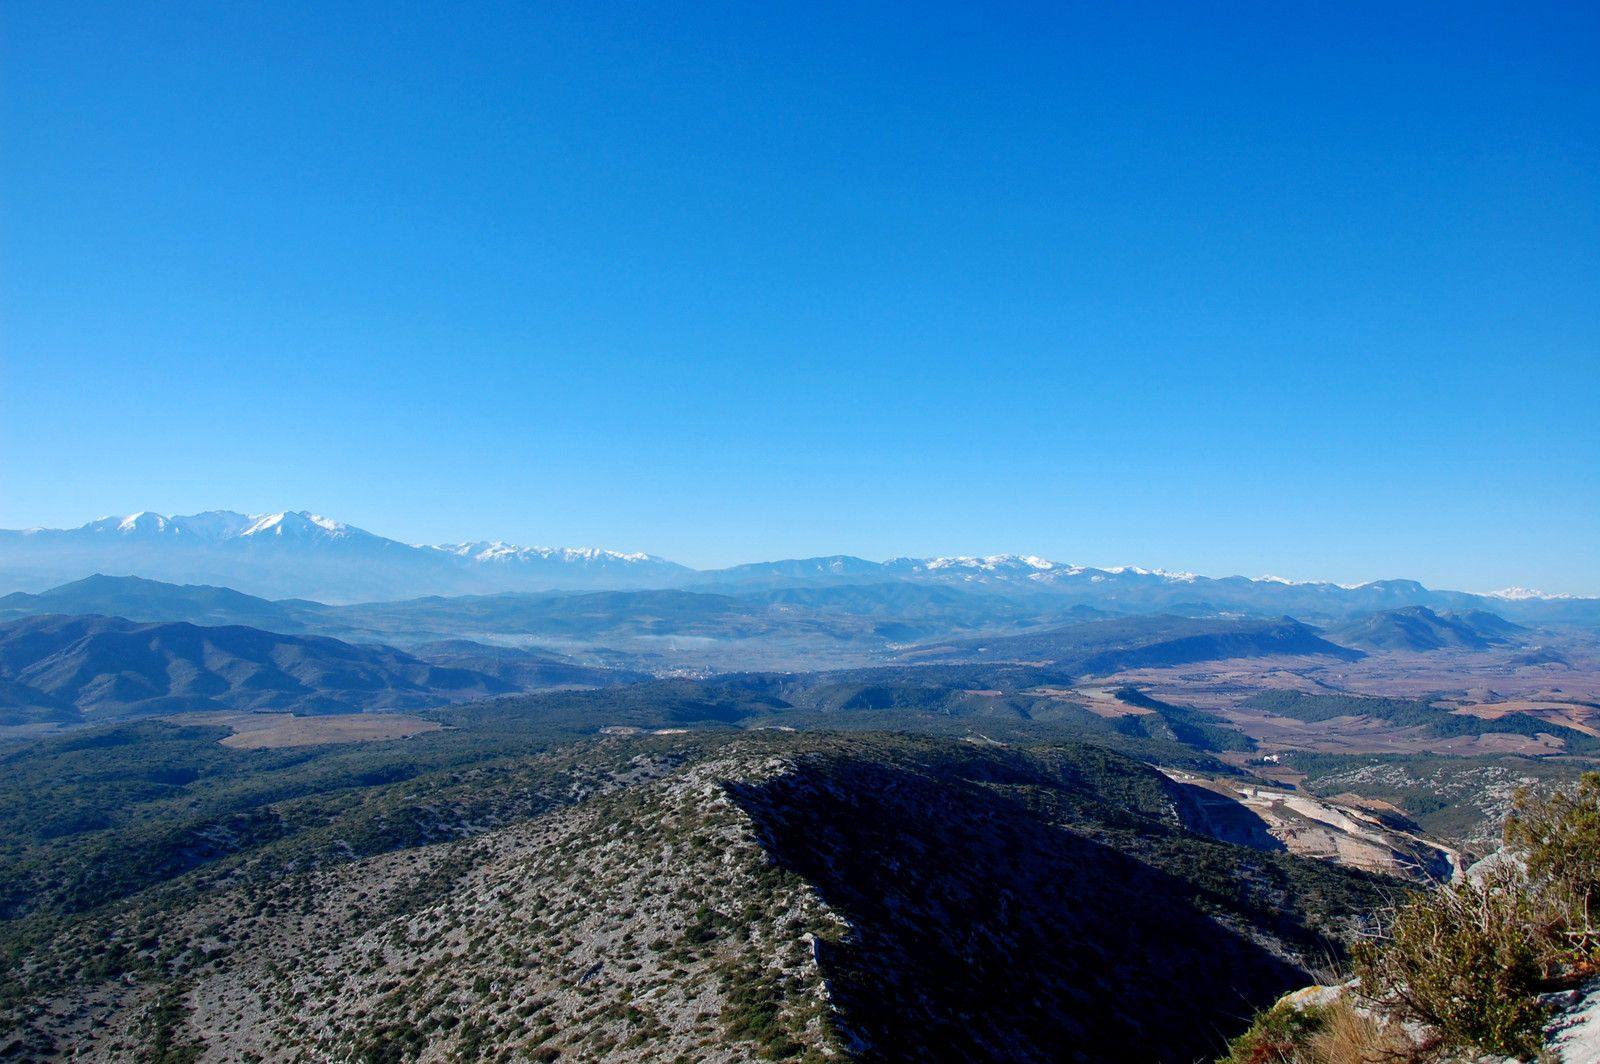 Et la vue sur la montagne et le Canigou